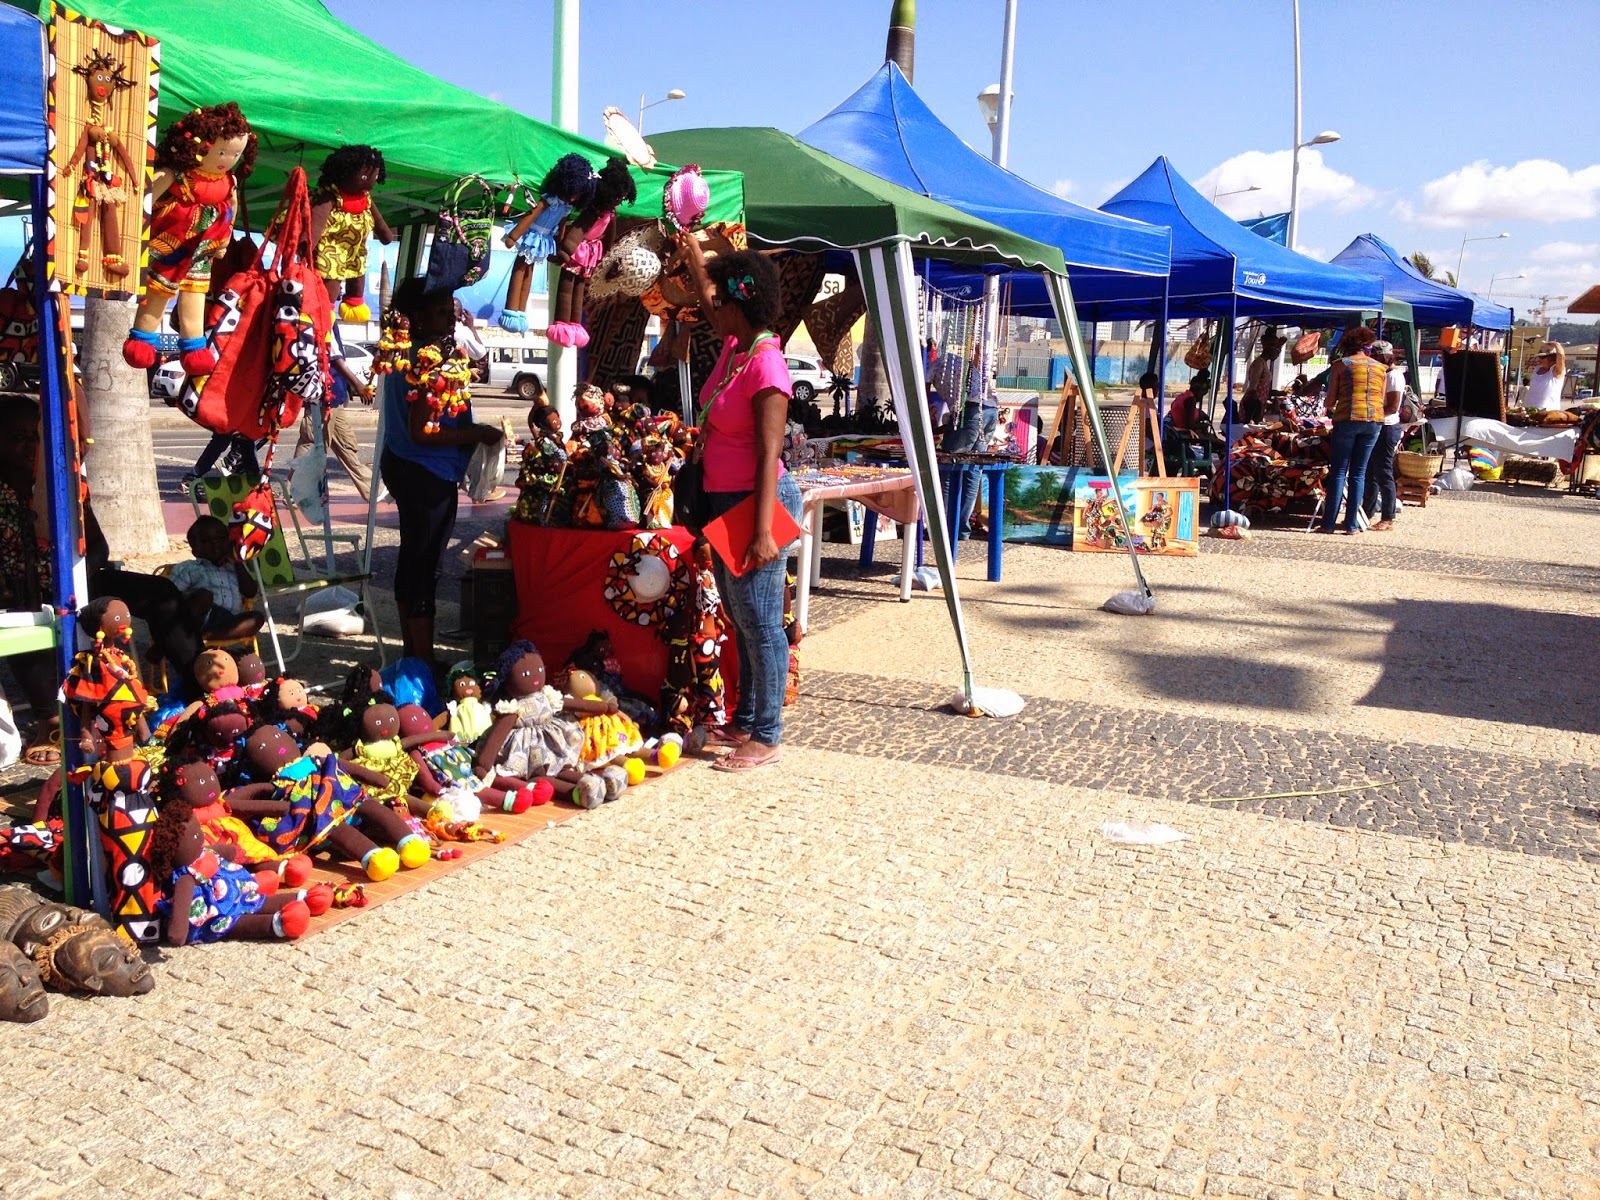 Adhesivo De Bicicletas ~ Das coisas que eu vejo DICA Feira de Artesanatos na Ilha do Cabo